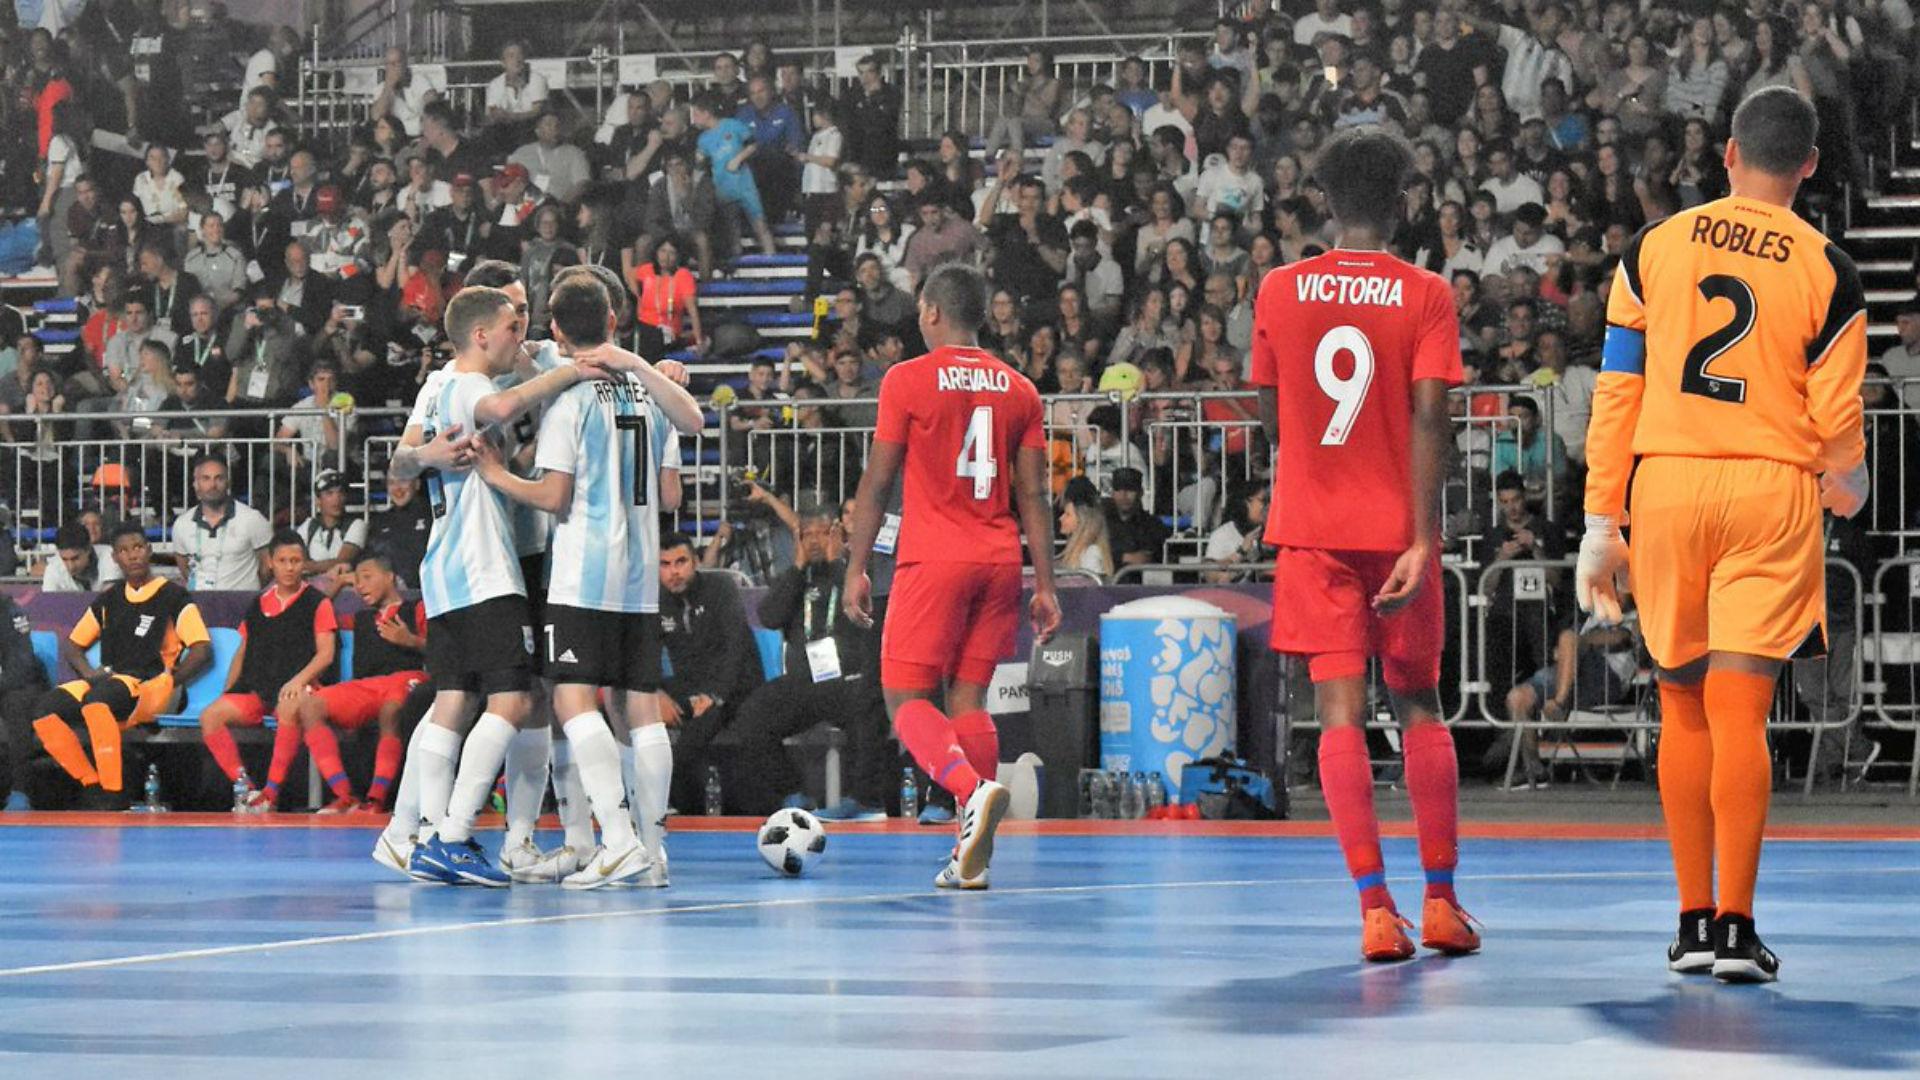 Argentina Panama Futsal Juegos Olimpicos de la Juventud 2018